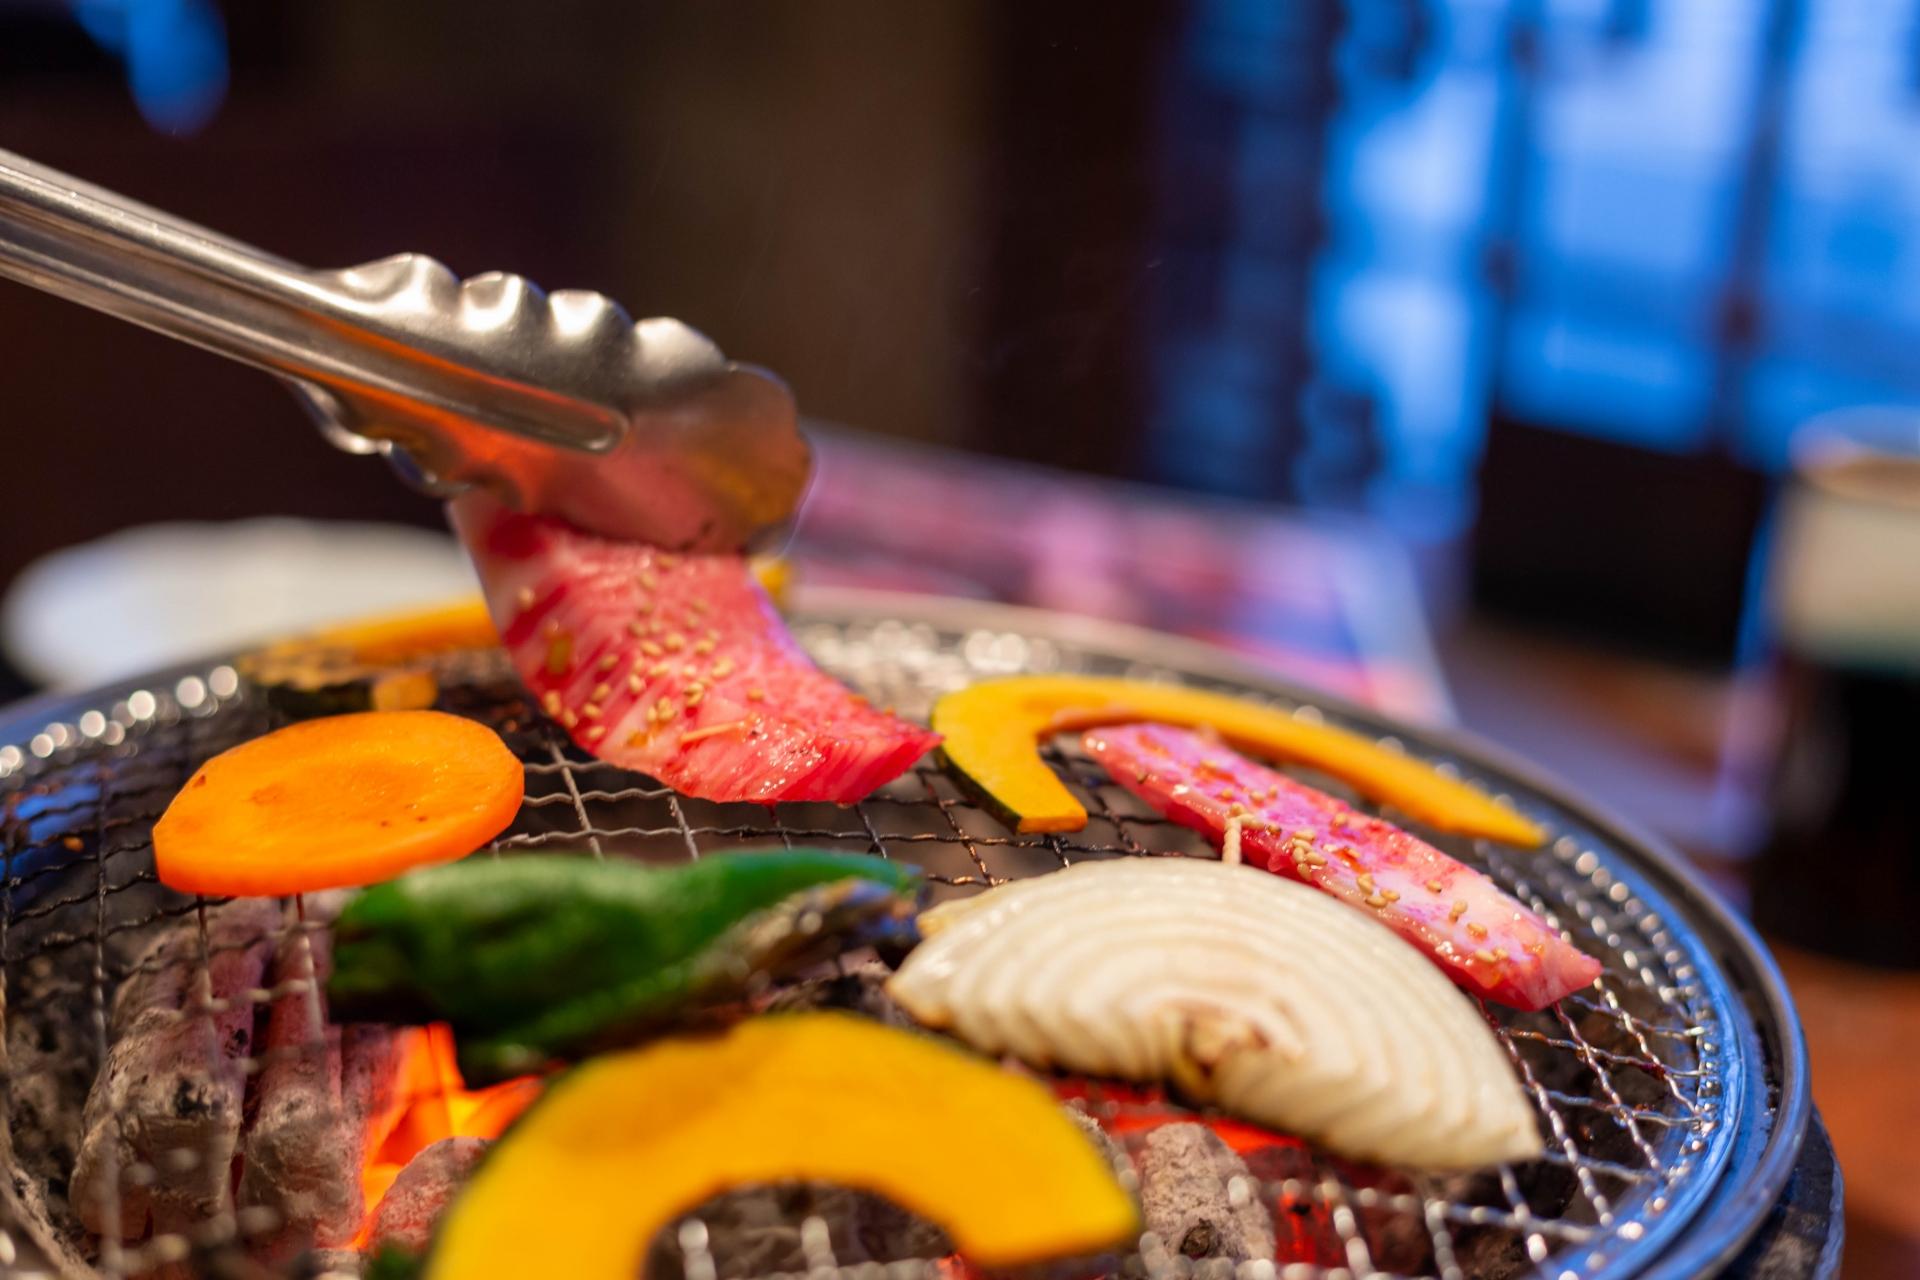 鶴橋で焼肉食べ放題のおすすめ店は?美味しい&安い人気店をご紹介!